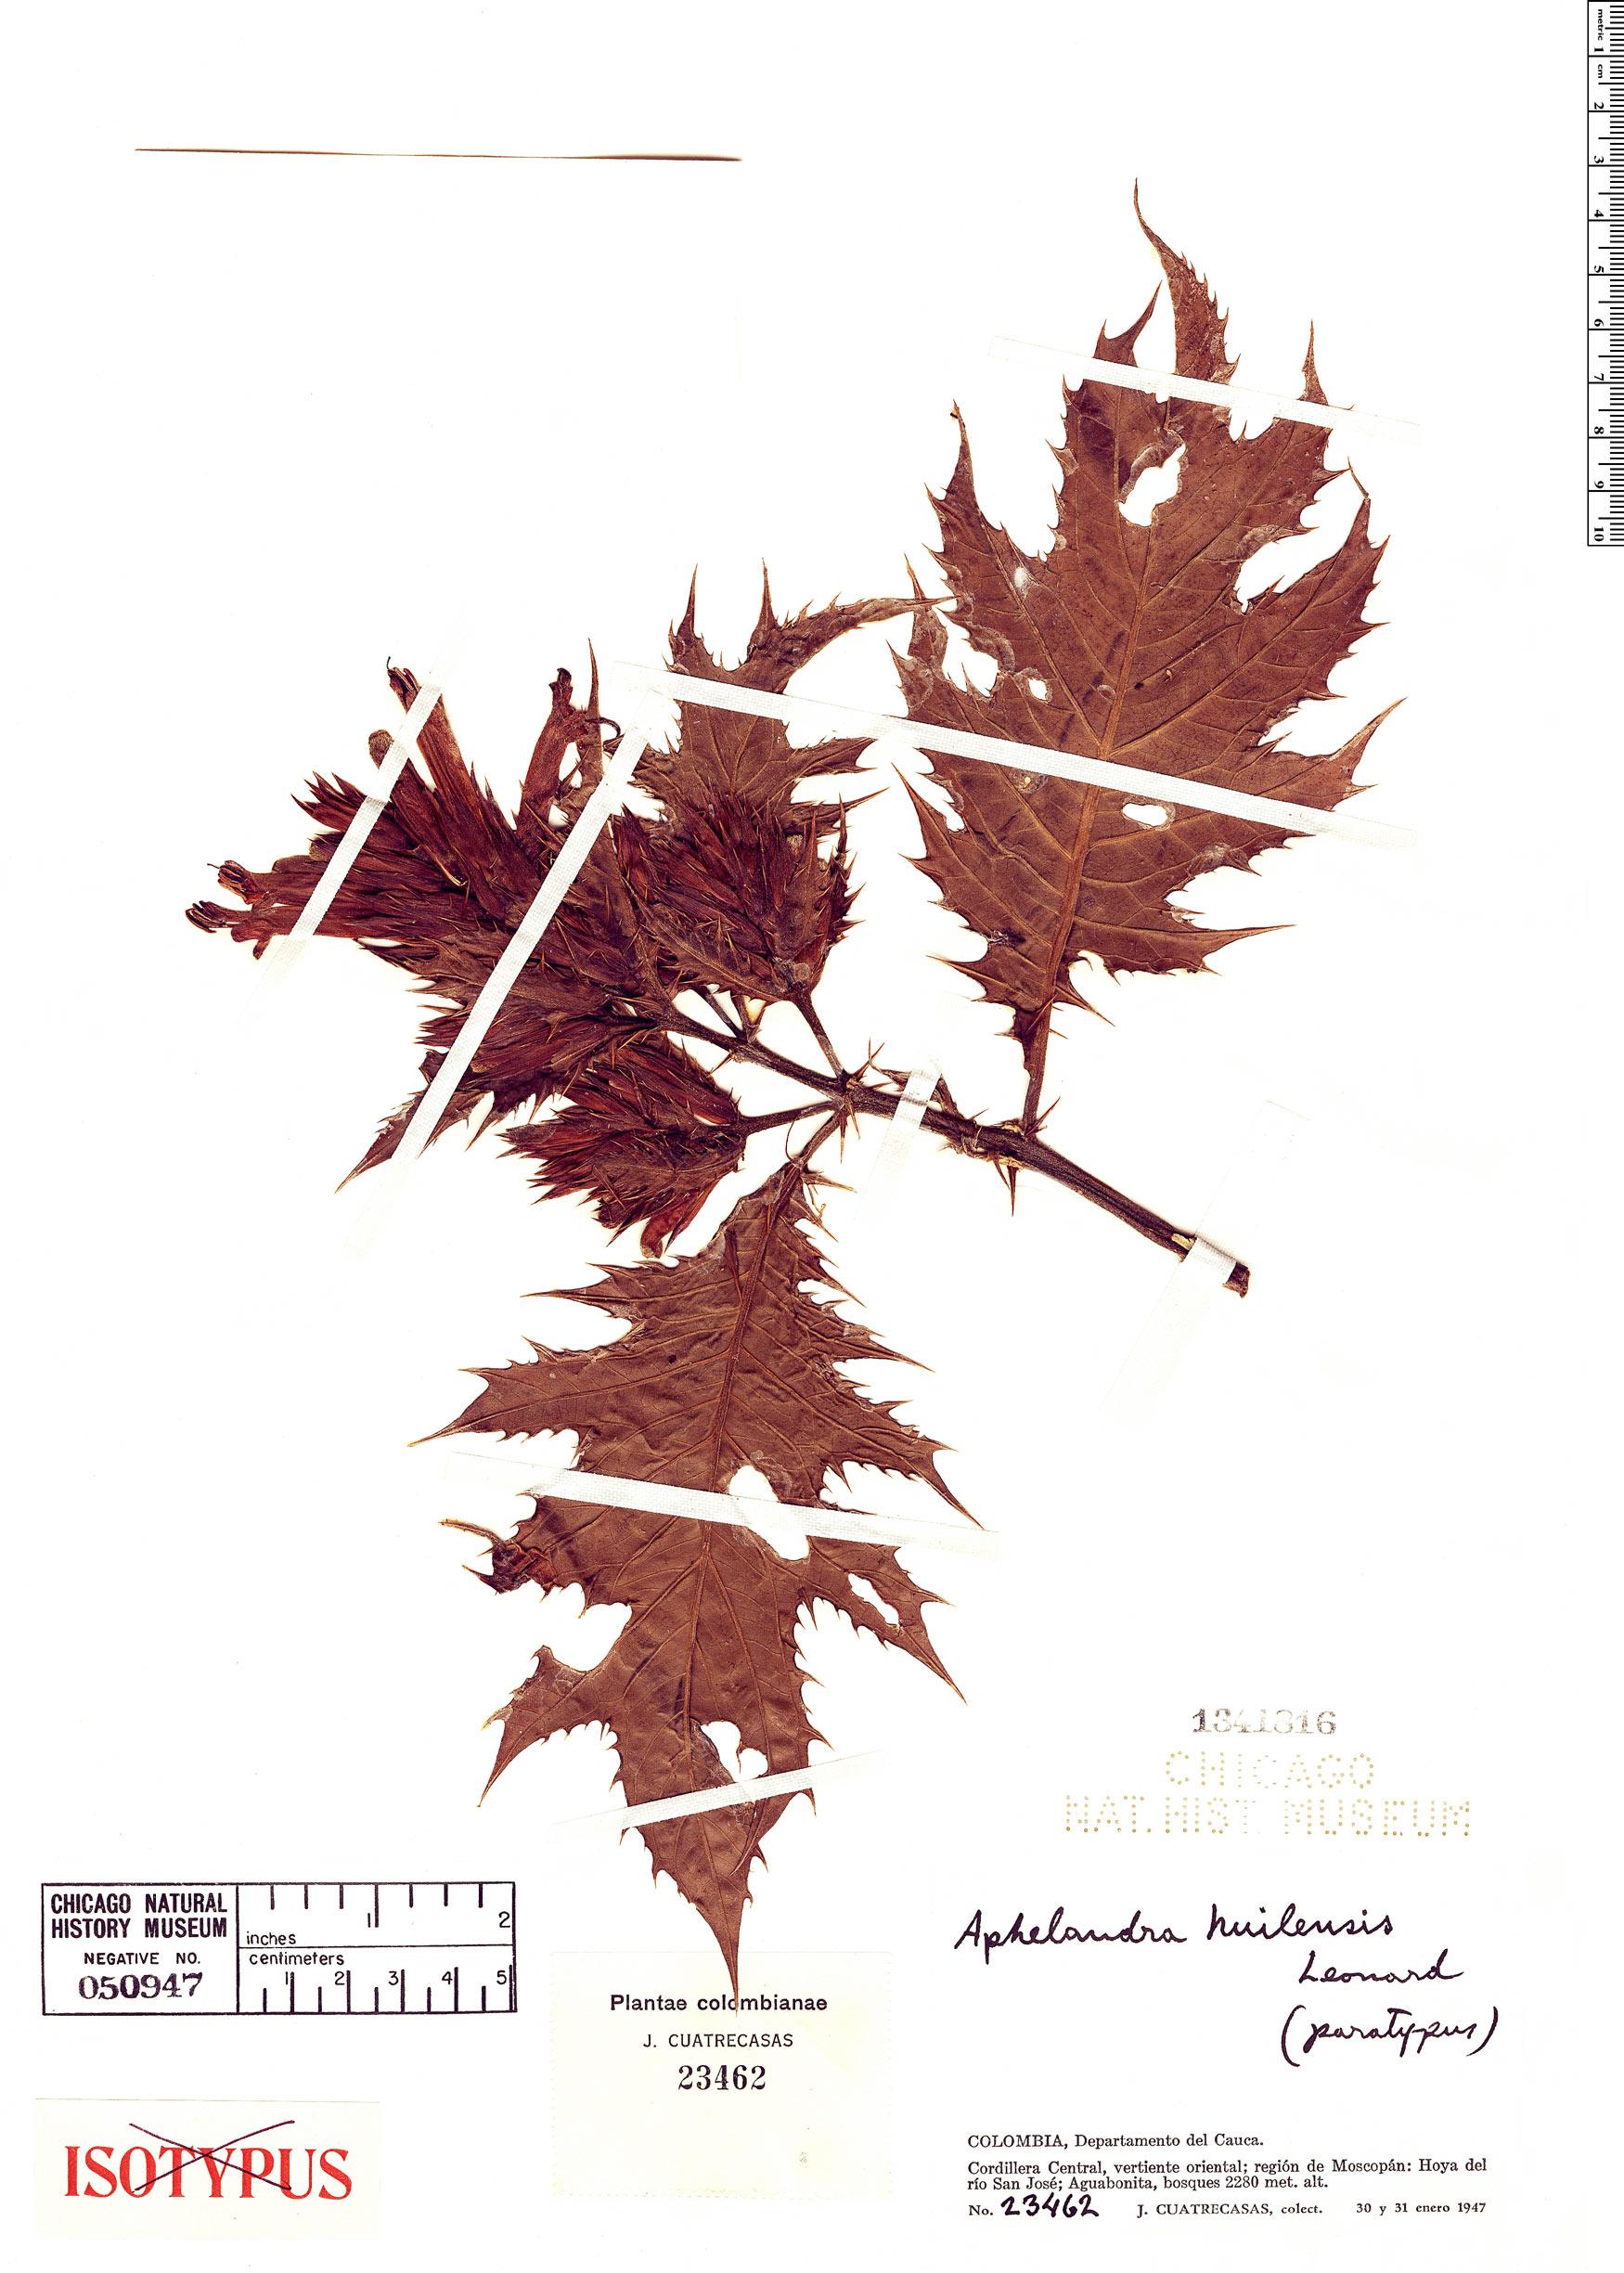 Espécime: Aphelandra huilensis